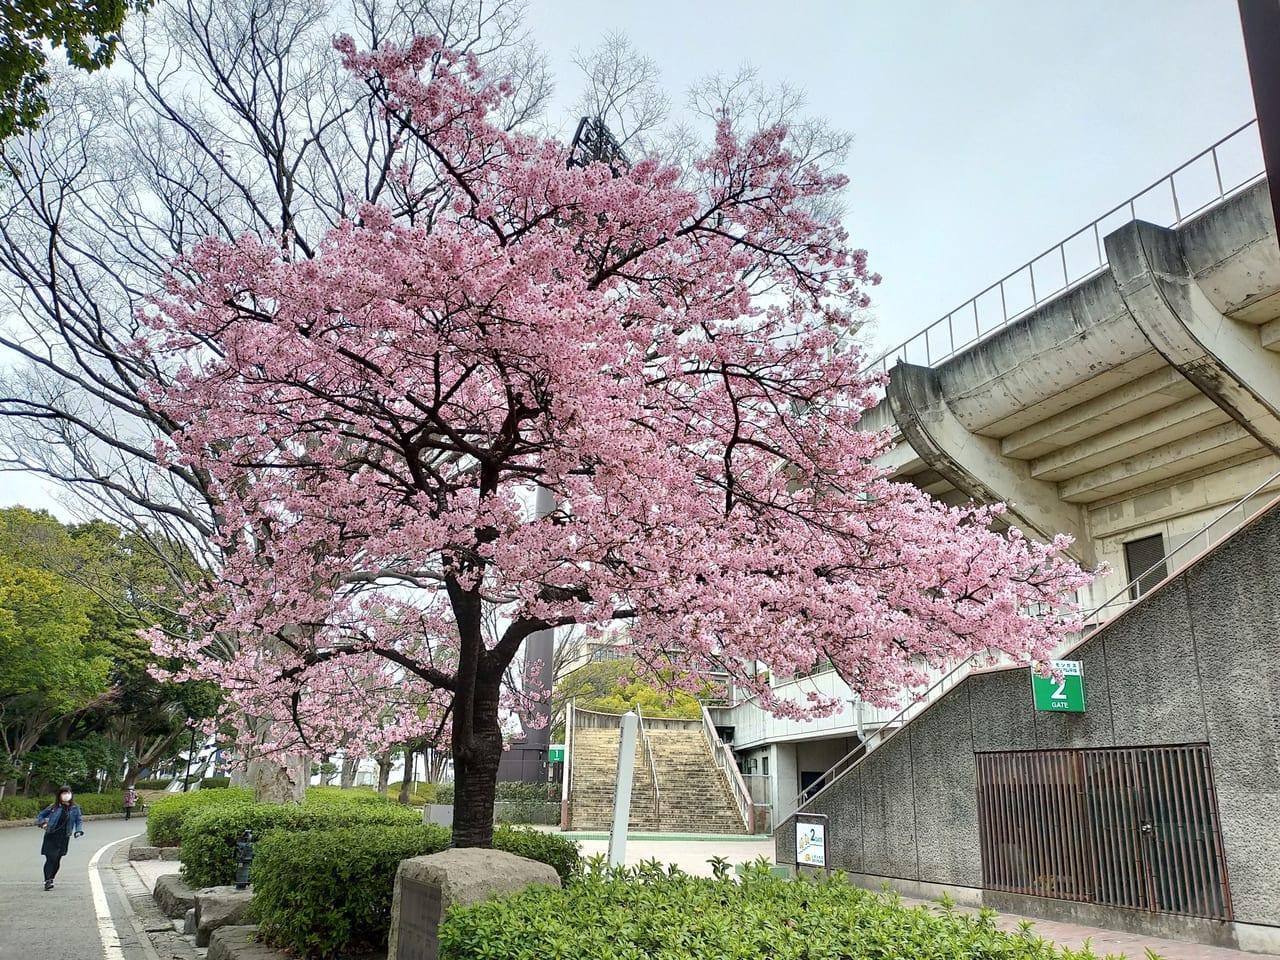 平塚市総合公園では、早咲きの桜、河津桜と玉縄桜が満開!桜リレーの二番手、寒緋桜や大島桜も開花し始めました!